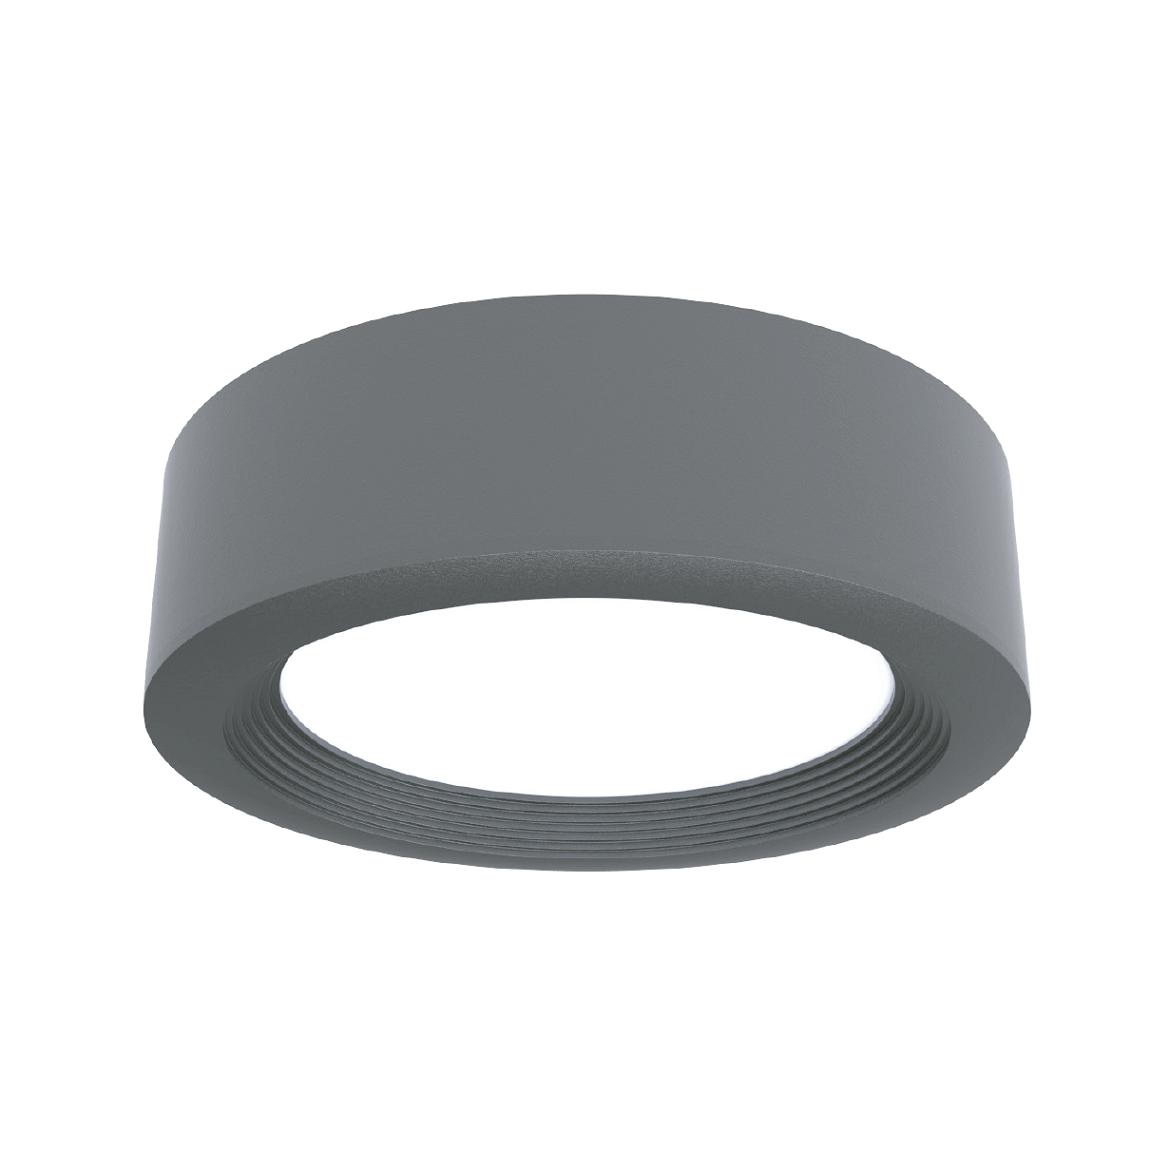 LW-SUMYP15-01 - Sıva Üstü LED Spot